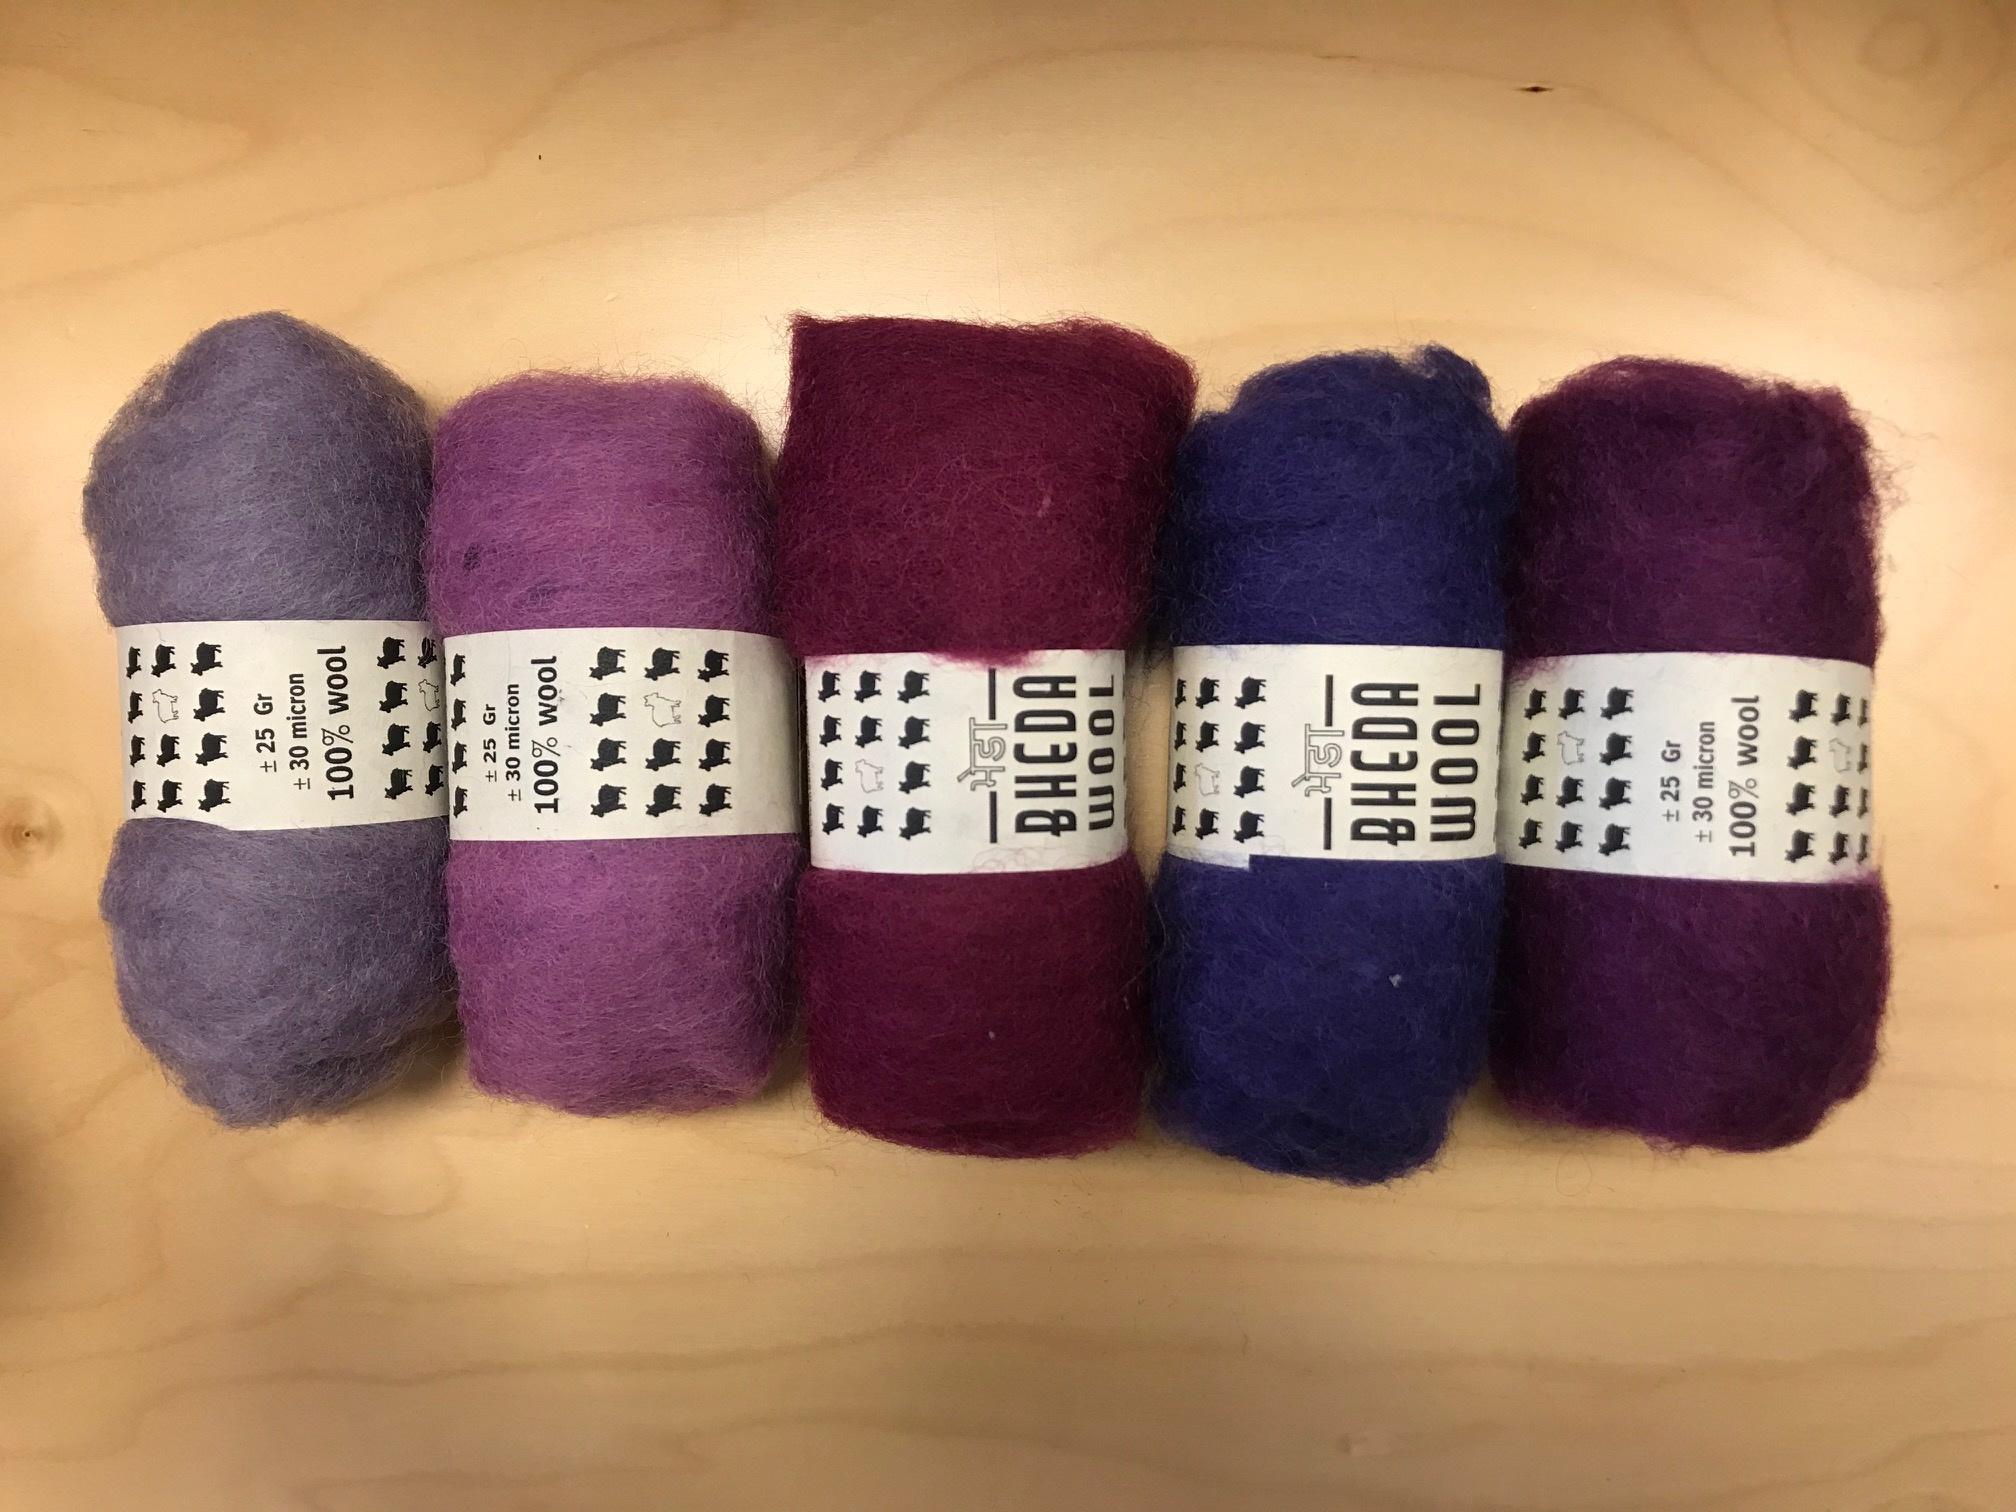 Bheda wool Bhedawol Set - 5 stuks van  25 gr. - Paars